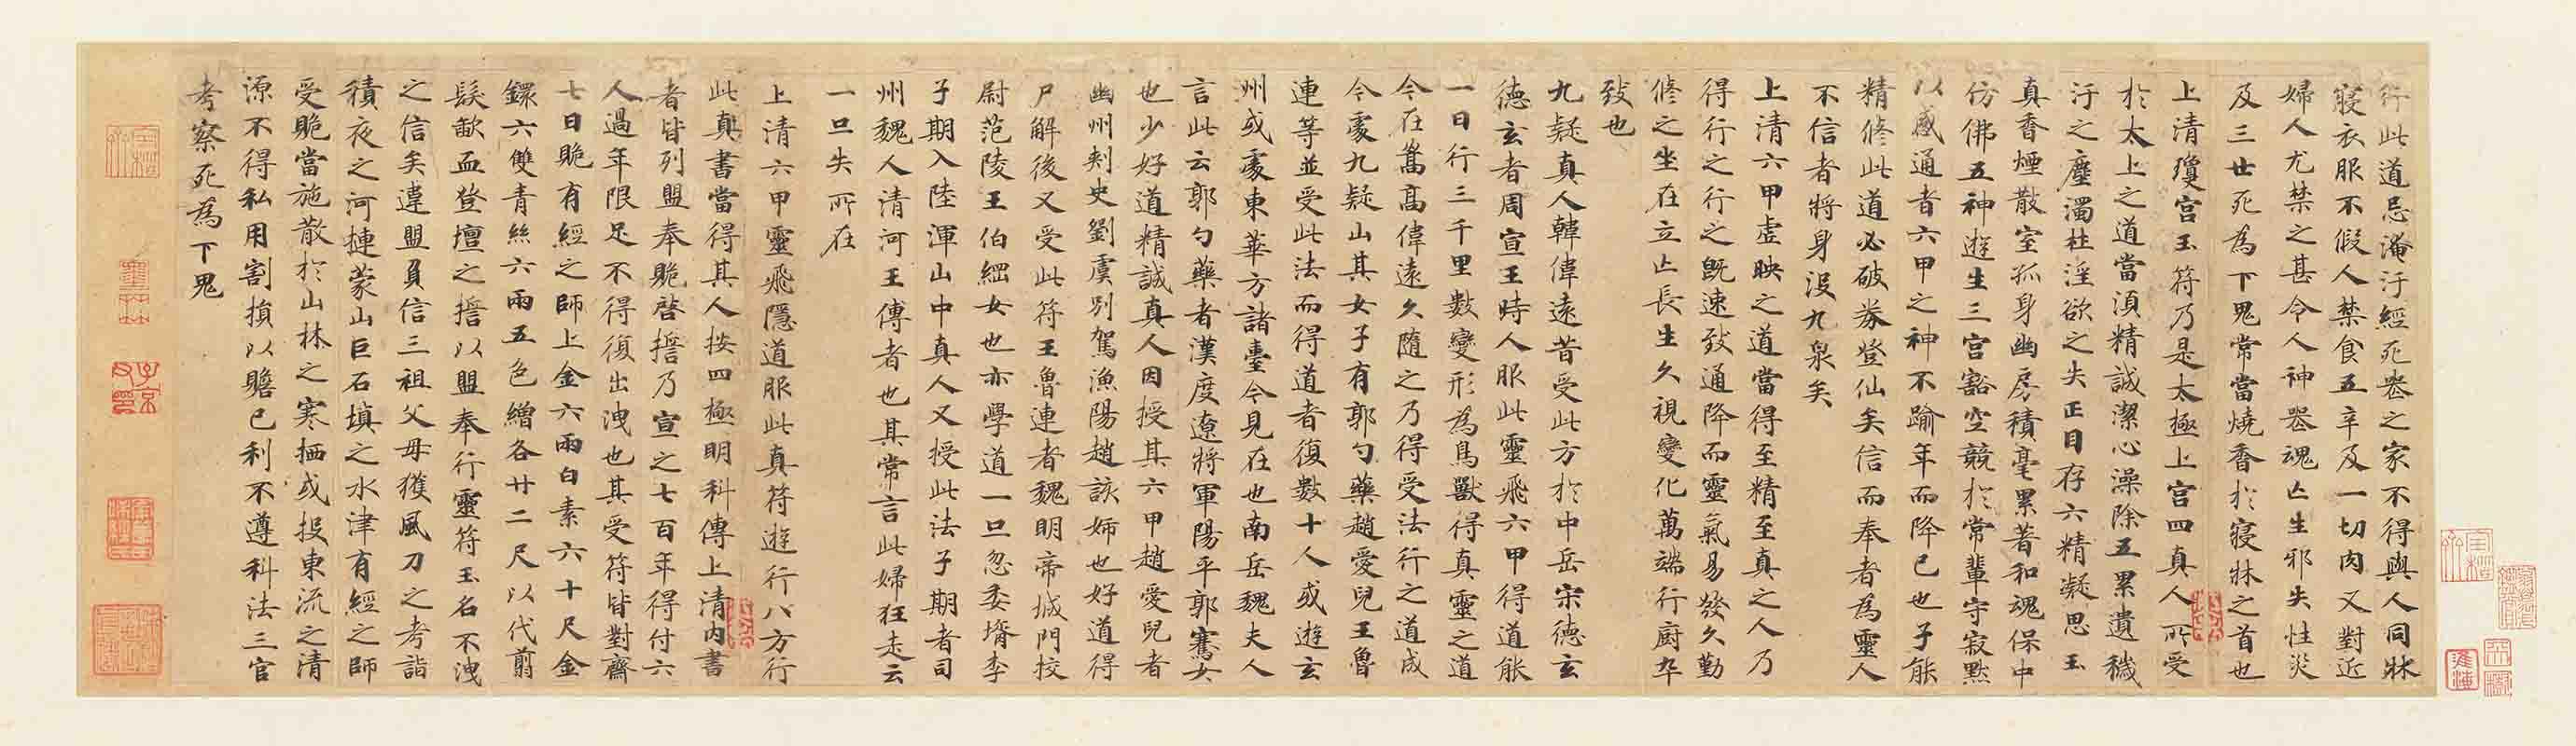 唐 钟绍京 小楷灵飞经四十三行墨迹本34X123